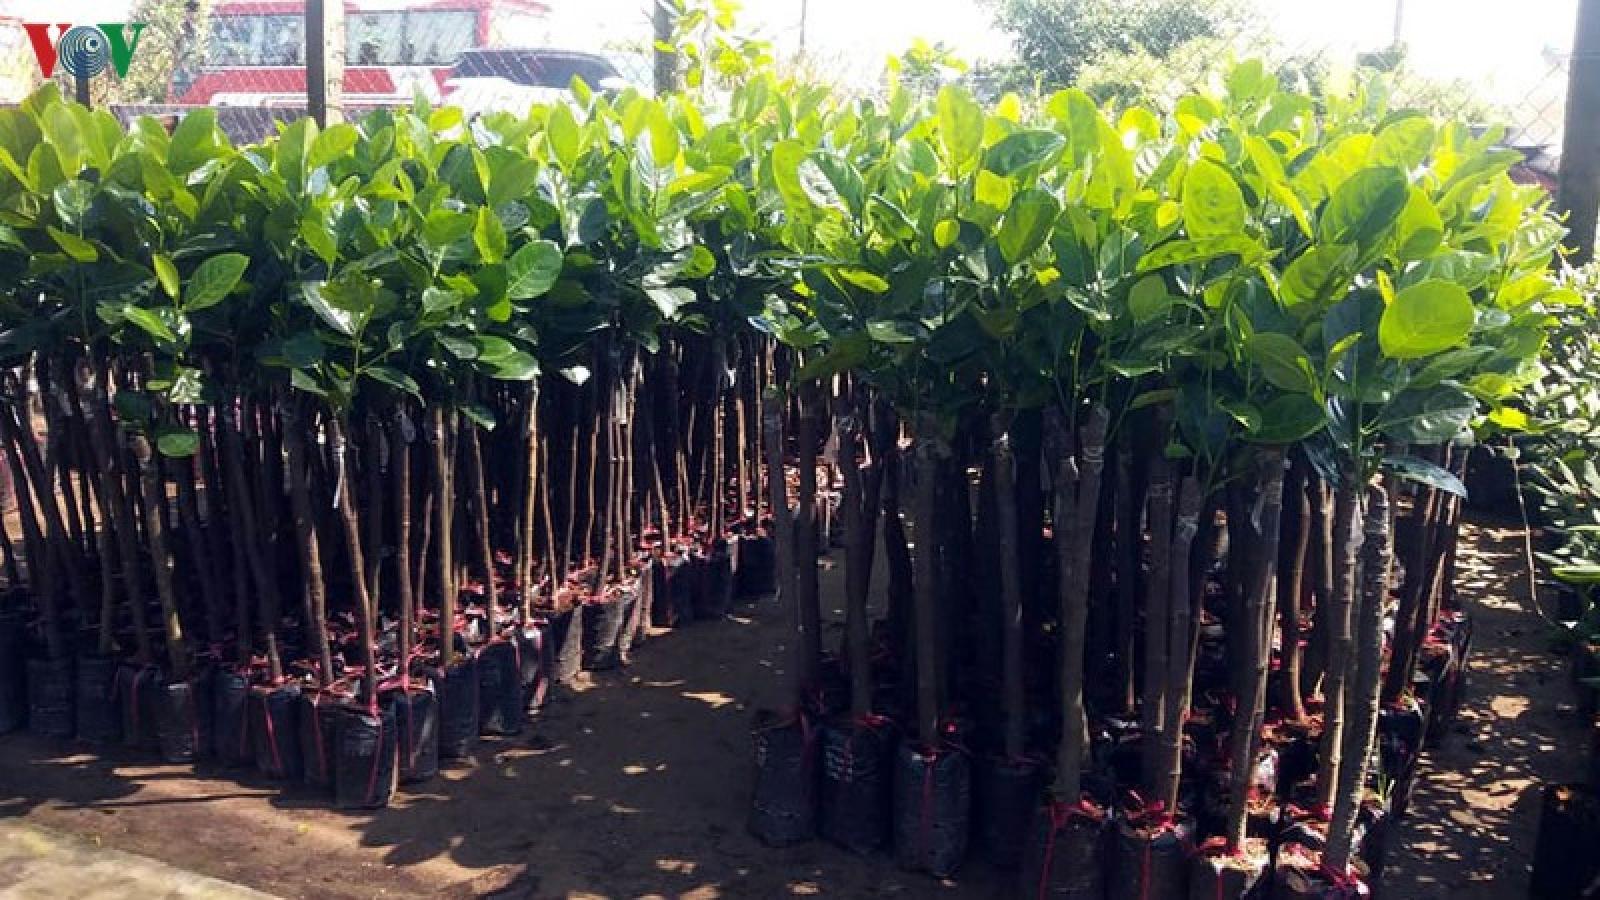 Sau hạn mặn, giá cây giống ở Tiền Giang tăng chóng mặt